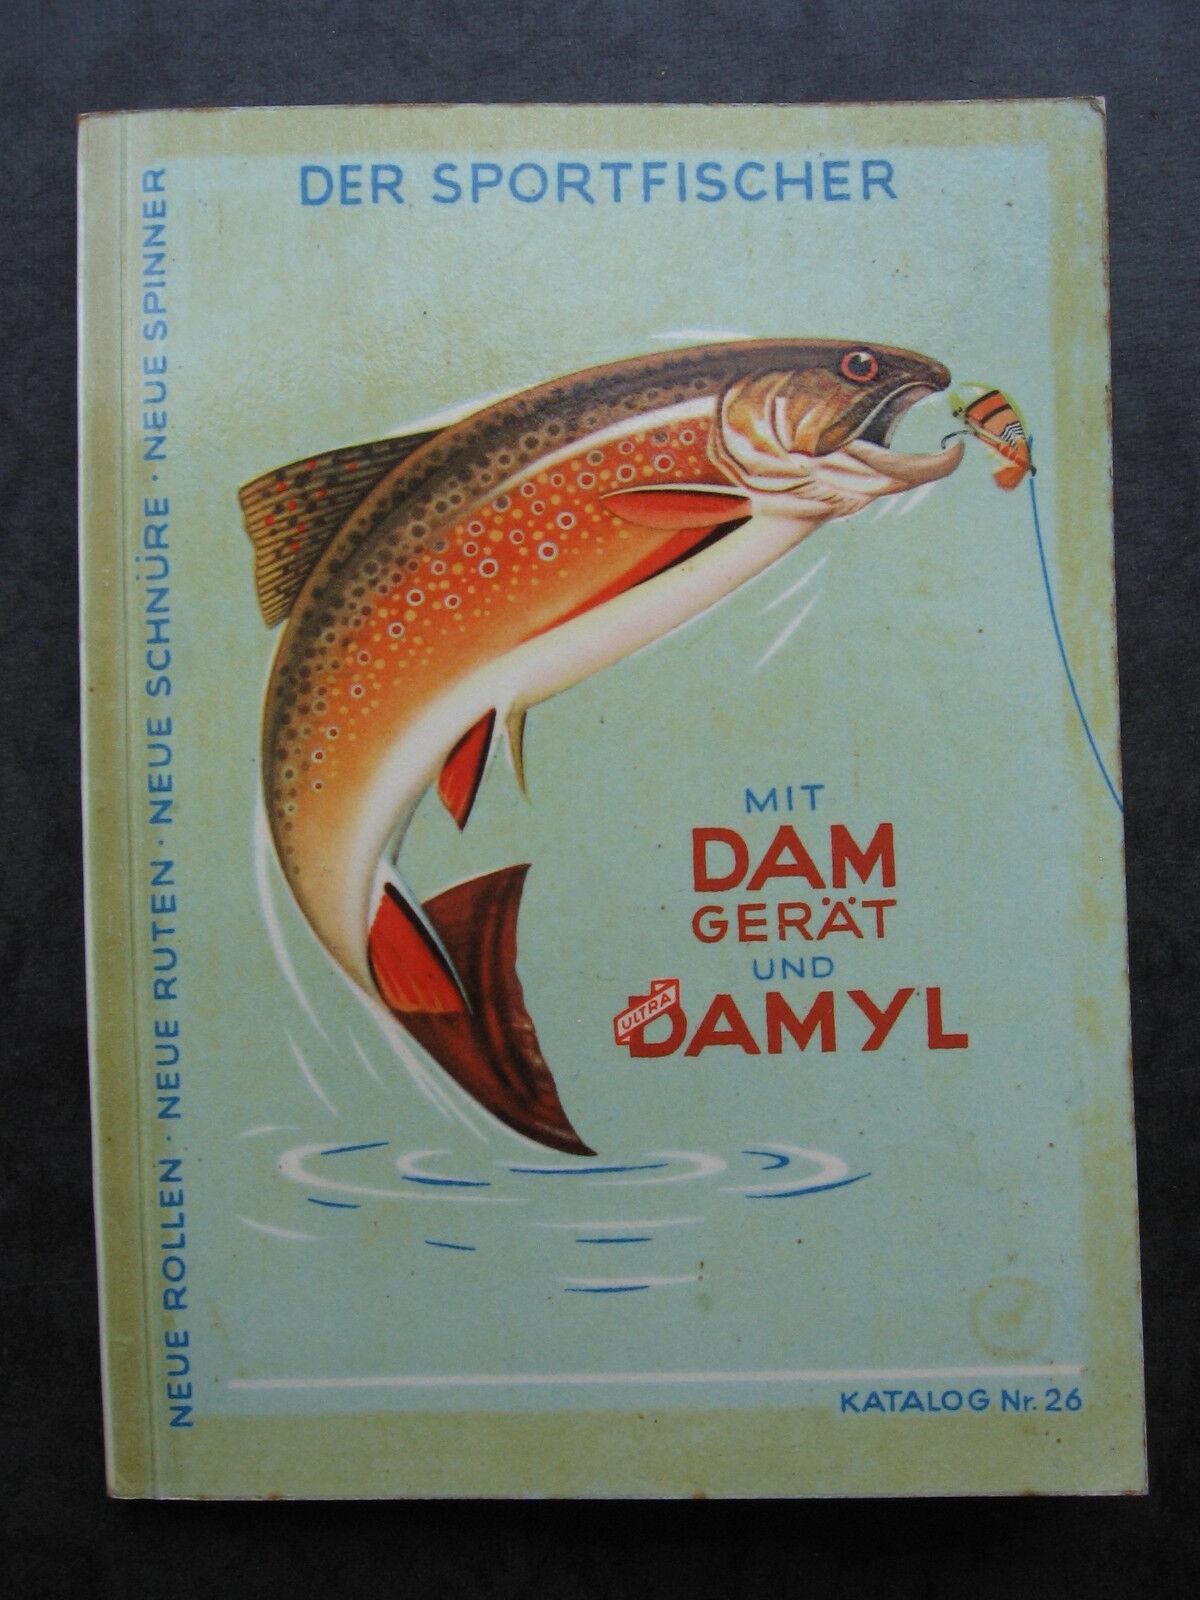 Dam damyl  angel dispositivos catálogo nº 26 angel catálogo con info escribir 1958  en venta en línea